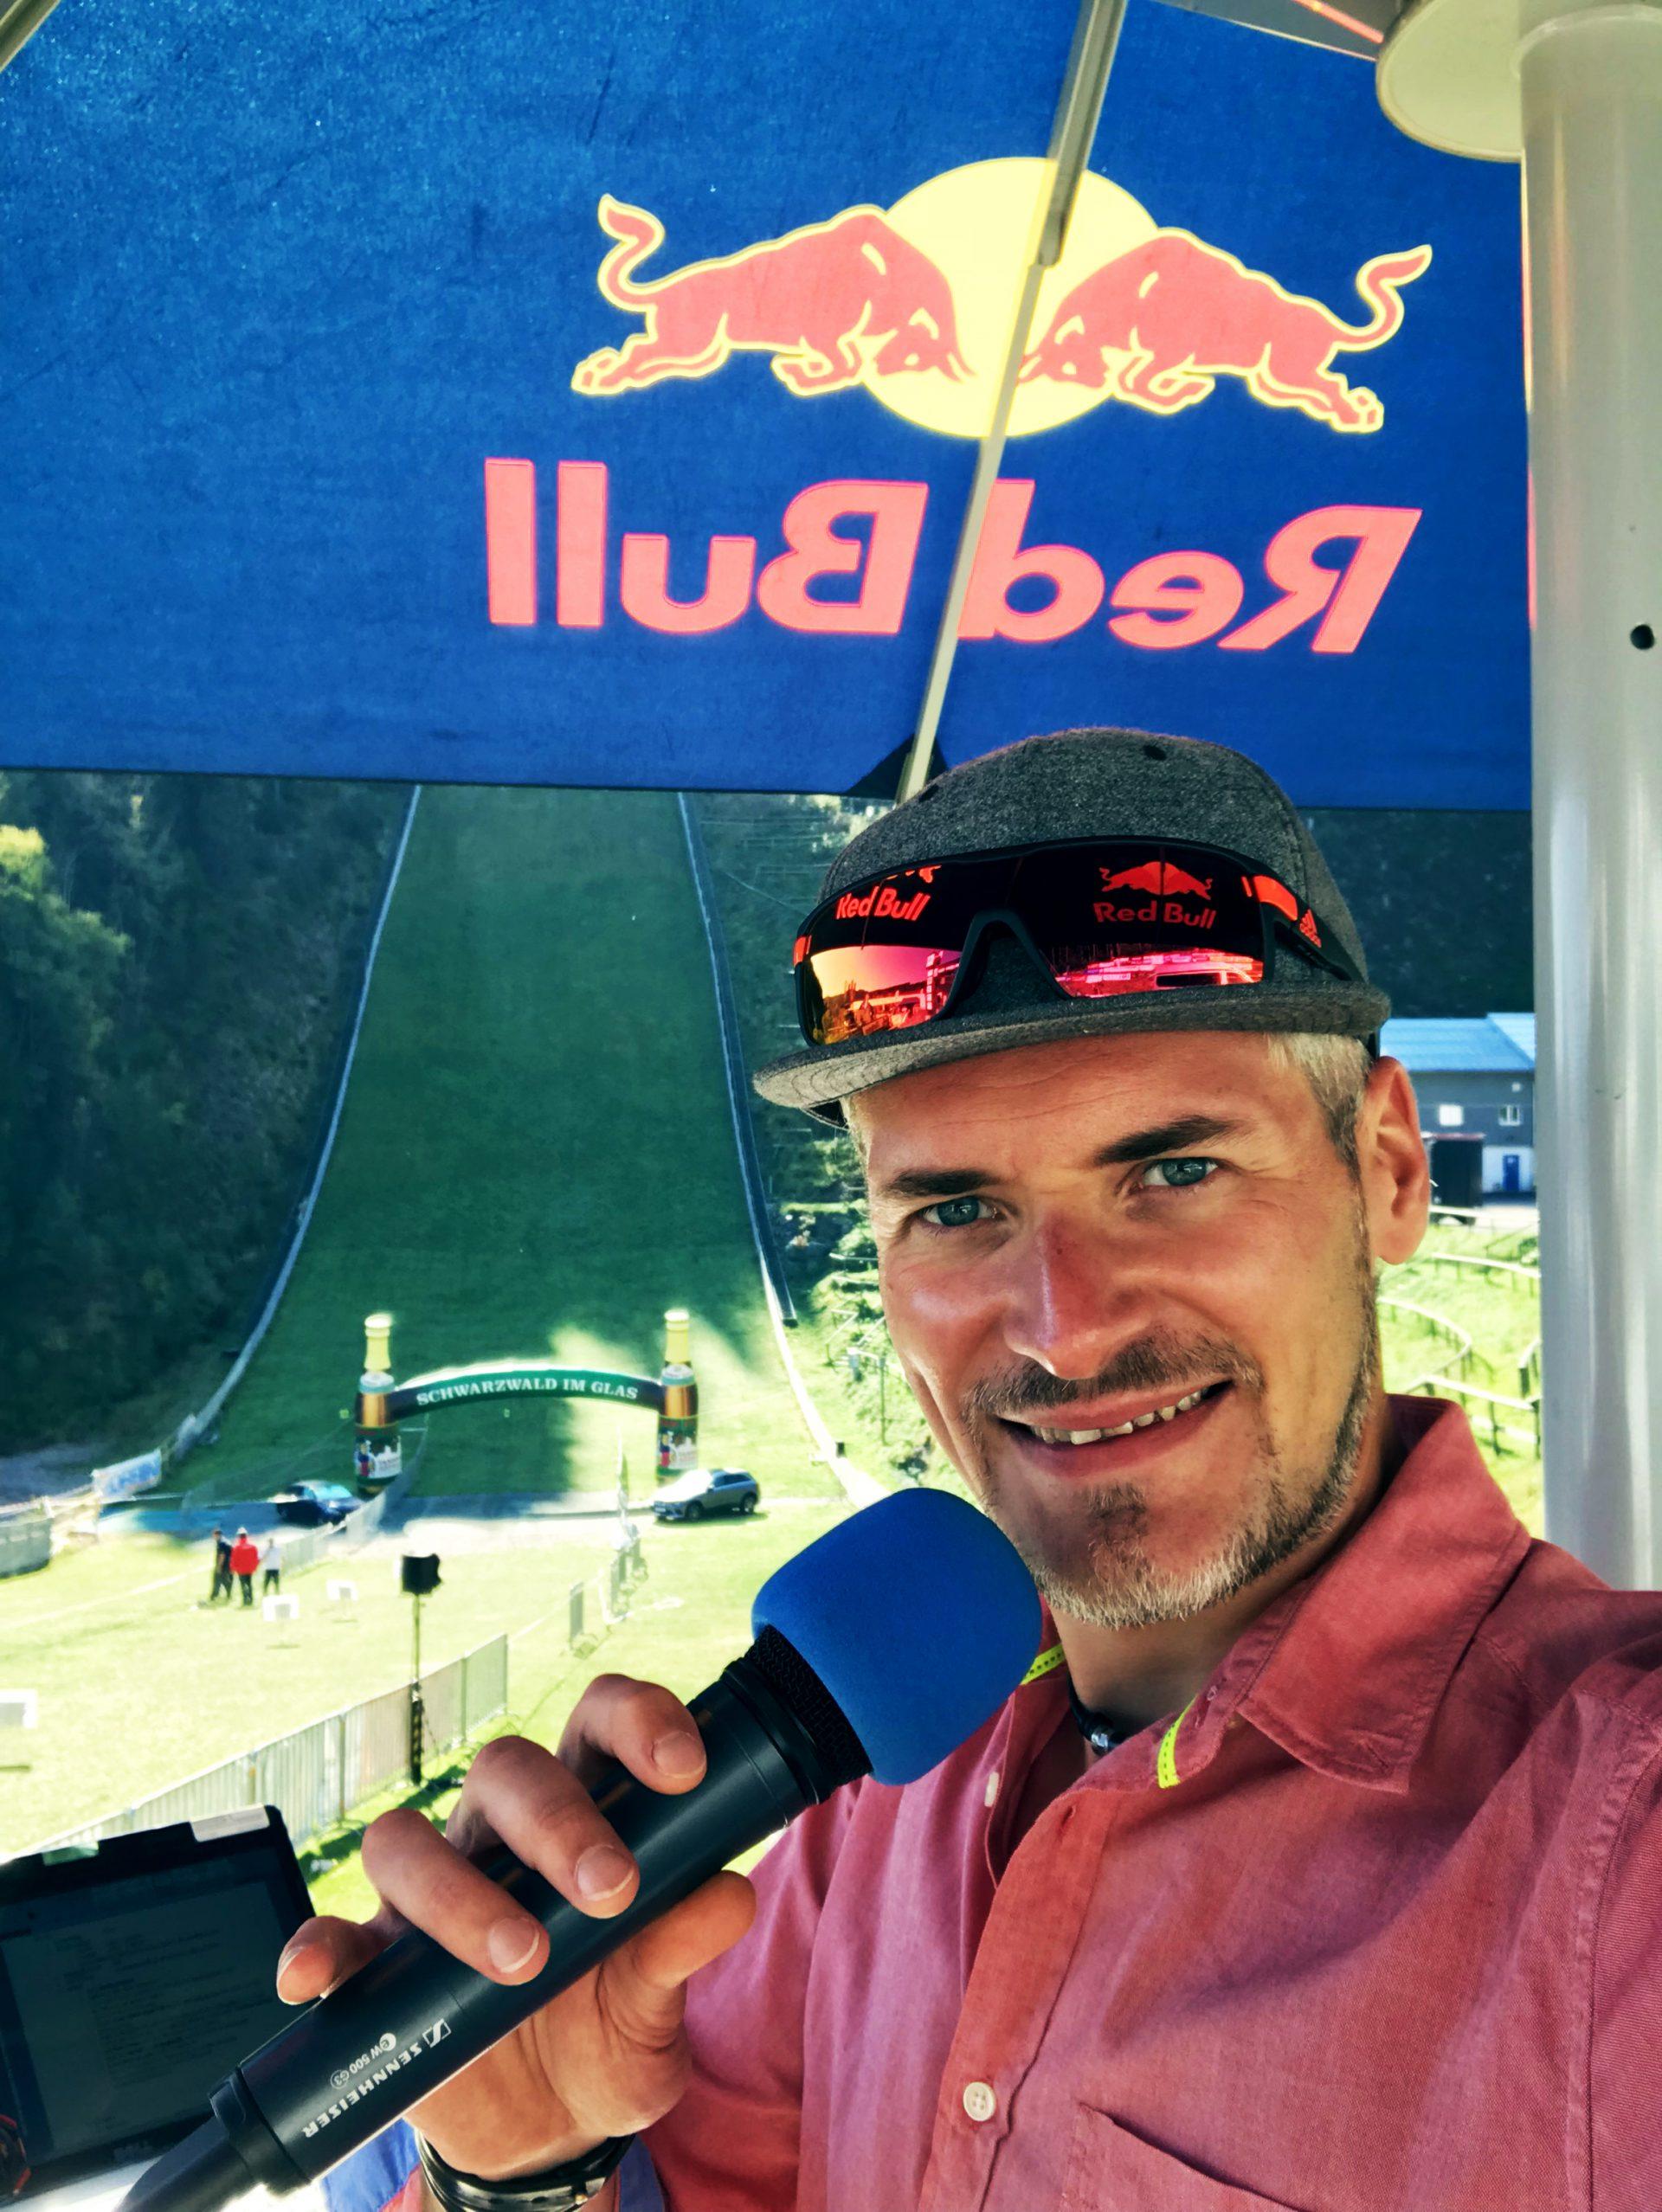 Was wie man für Stimmung sorgt: Stefan Lubowitzki ist Eventjockey des Trail Heros 2018. Er kombiniert Eventmoderator und Diskjockey zu Eventjockey. Das ist einzigartig!